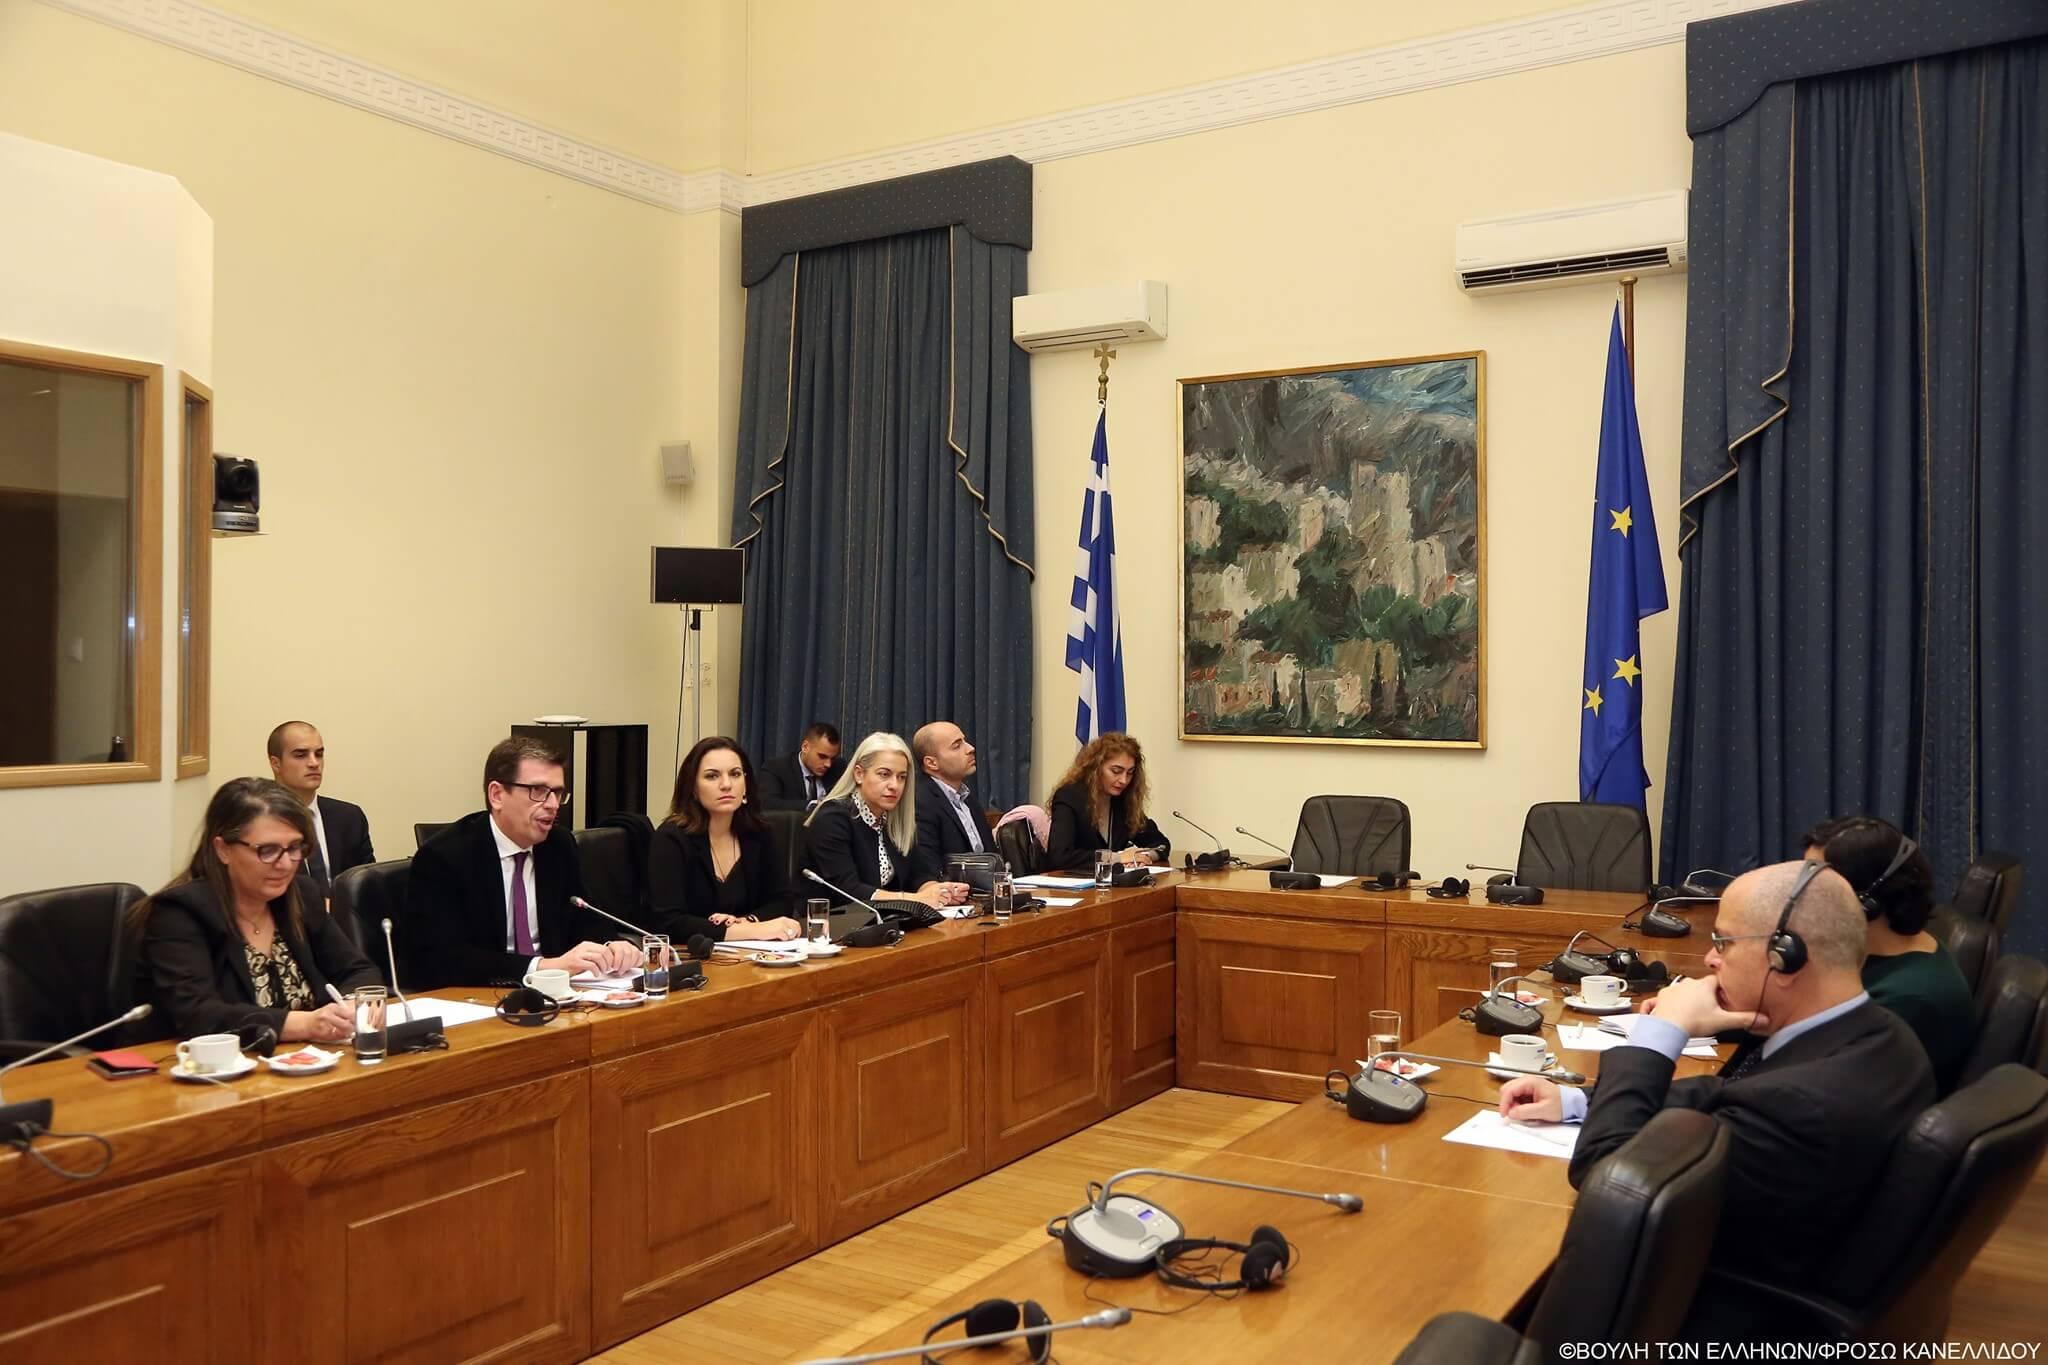 Θωρακίζοντας τις σχέσεις Ελλάδας – Ισραήλ (ΚΟΦ Ελλάδας-Ισραήλ, 16.12.2019)